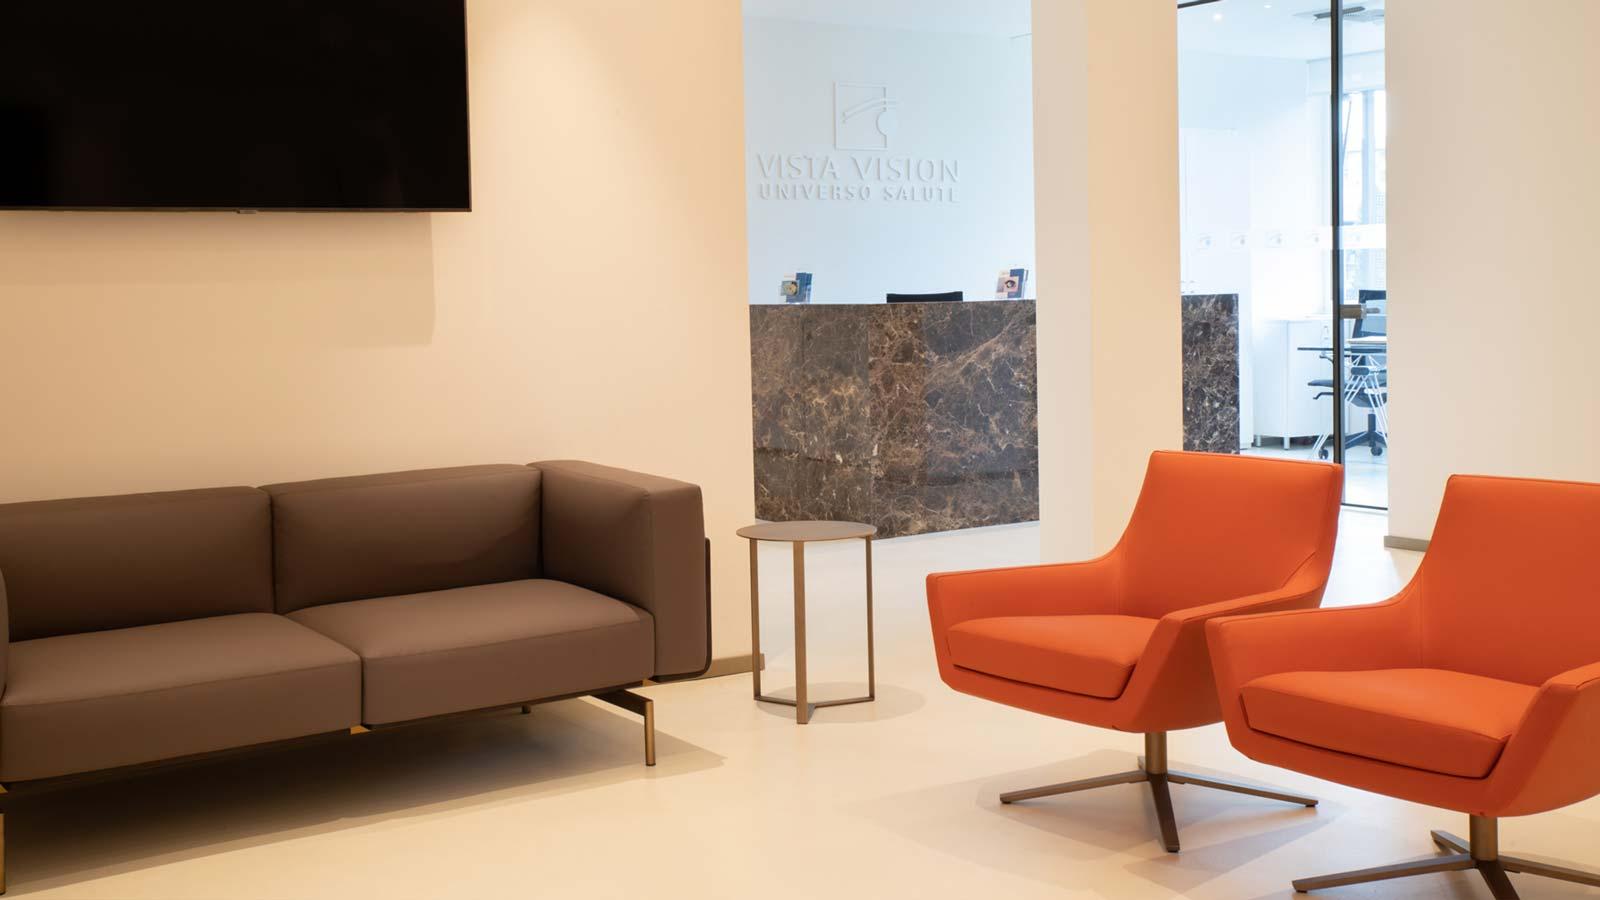 Milano - secondo piano clinica Vista Vision